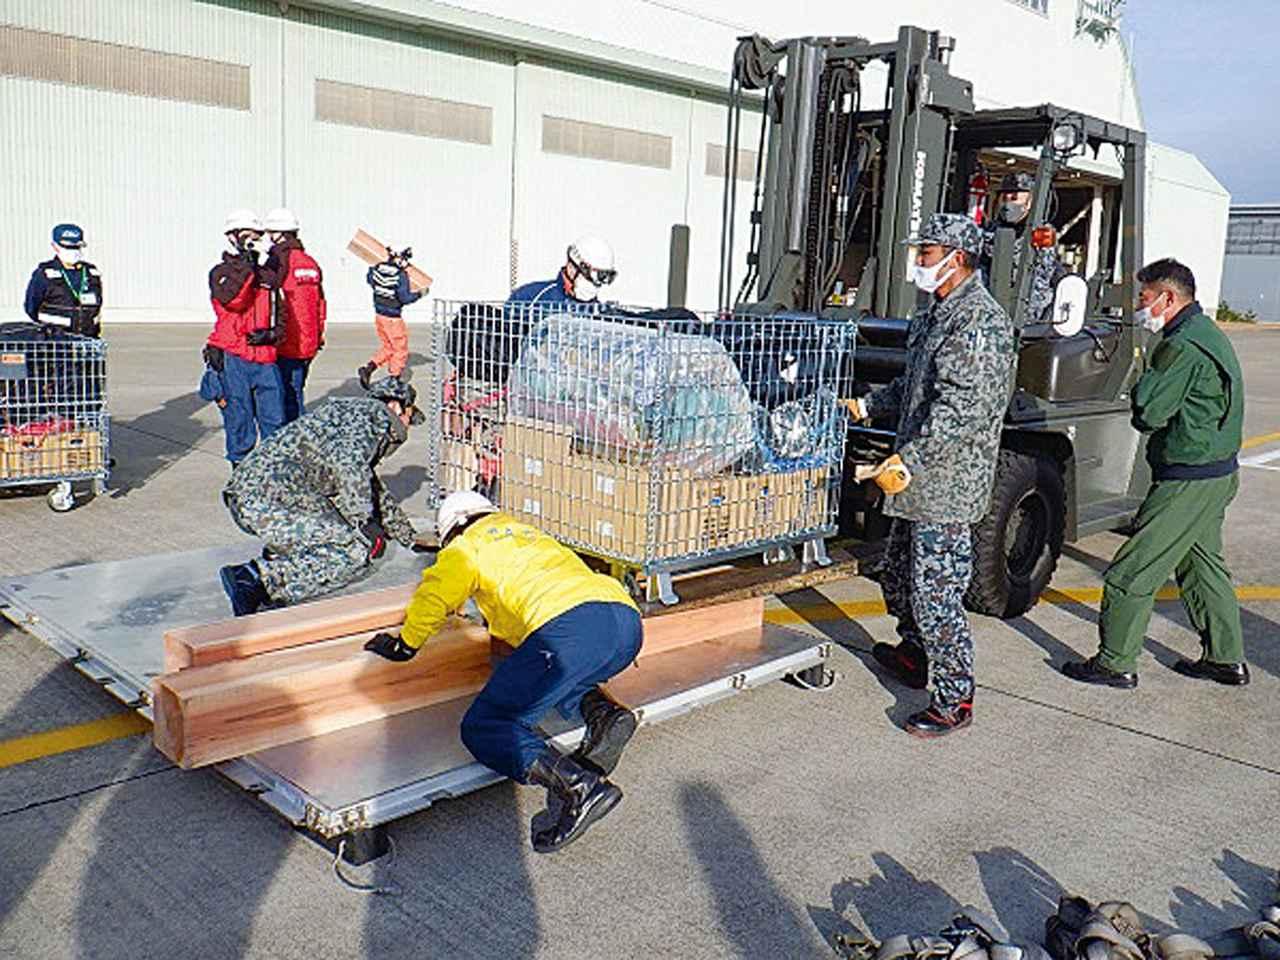 画像: 緊急消防援助隊輸送訓練で、災害救助に必要な物資の搭載準備を行う空自隊員と消防隊員